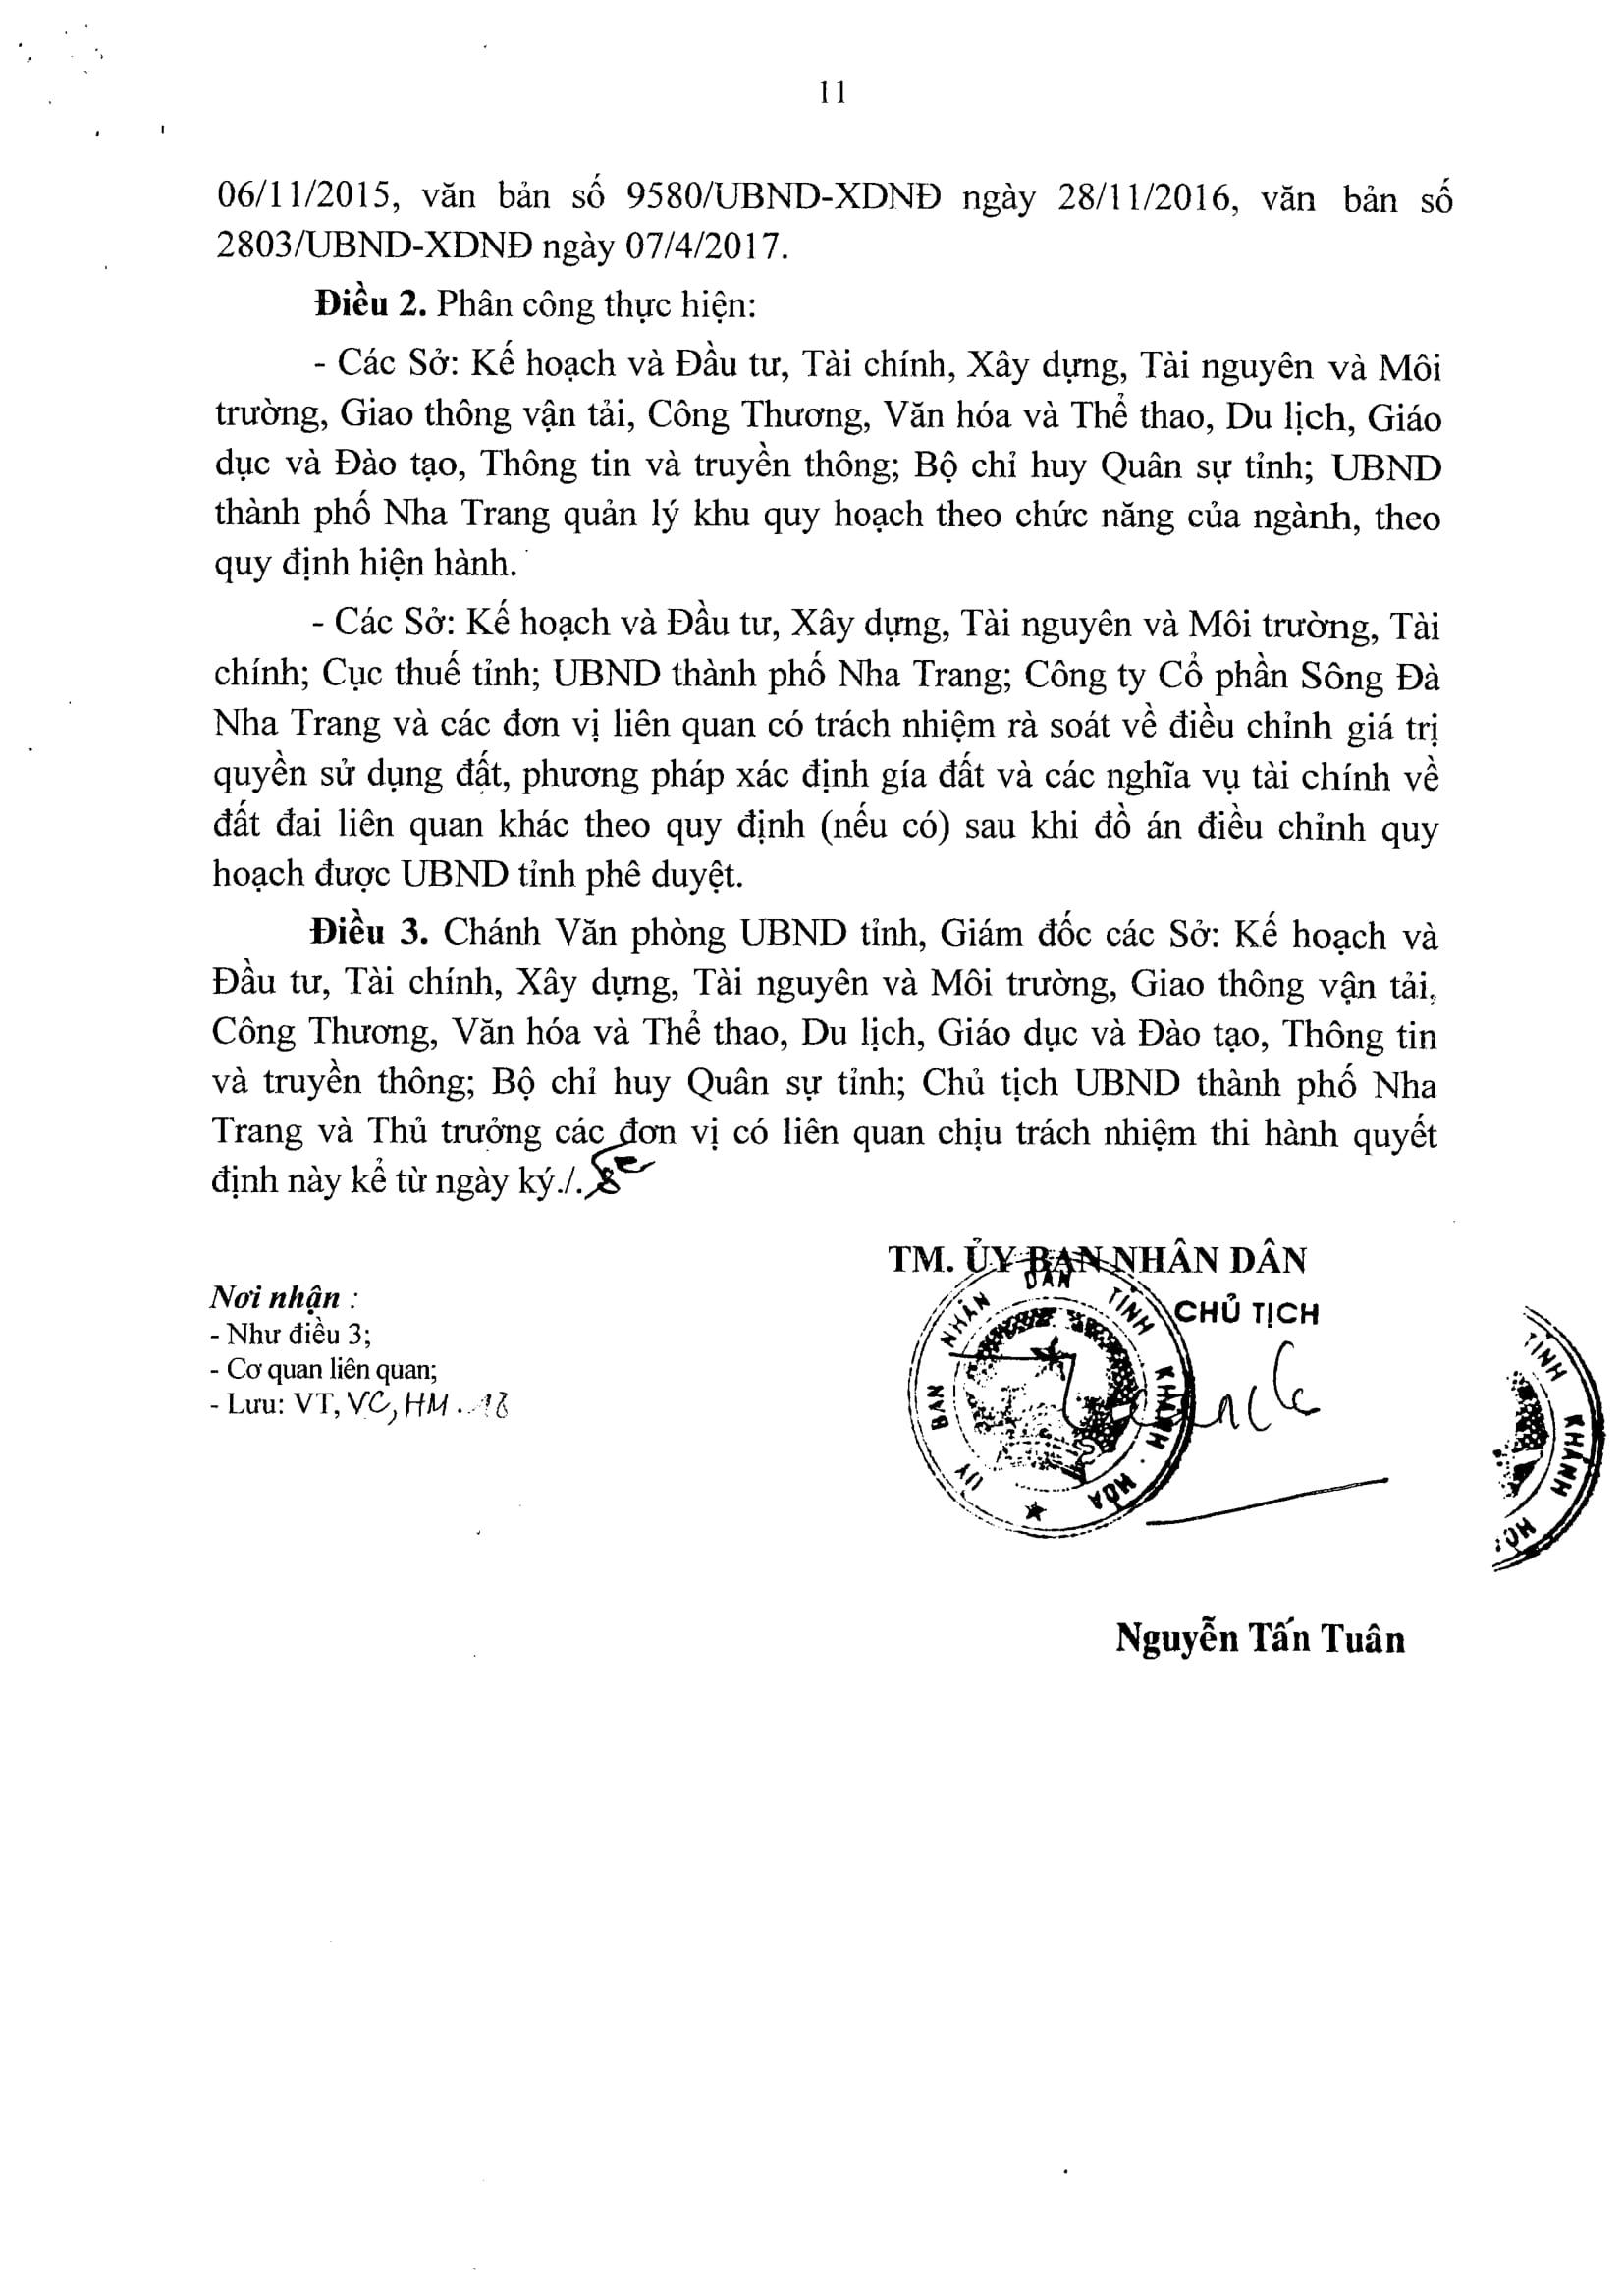 1 phần 500 dự án Khu Dân Cư Cồn Tân Lập 11 - Quy hoạch chi tiết tỷ lệ 1/500 Khu dân cư Cồn Tân Lập Nha Trang